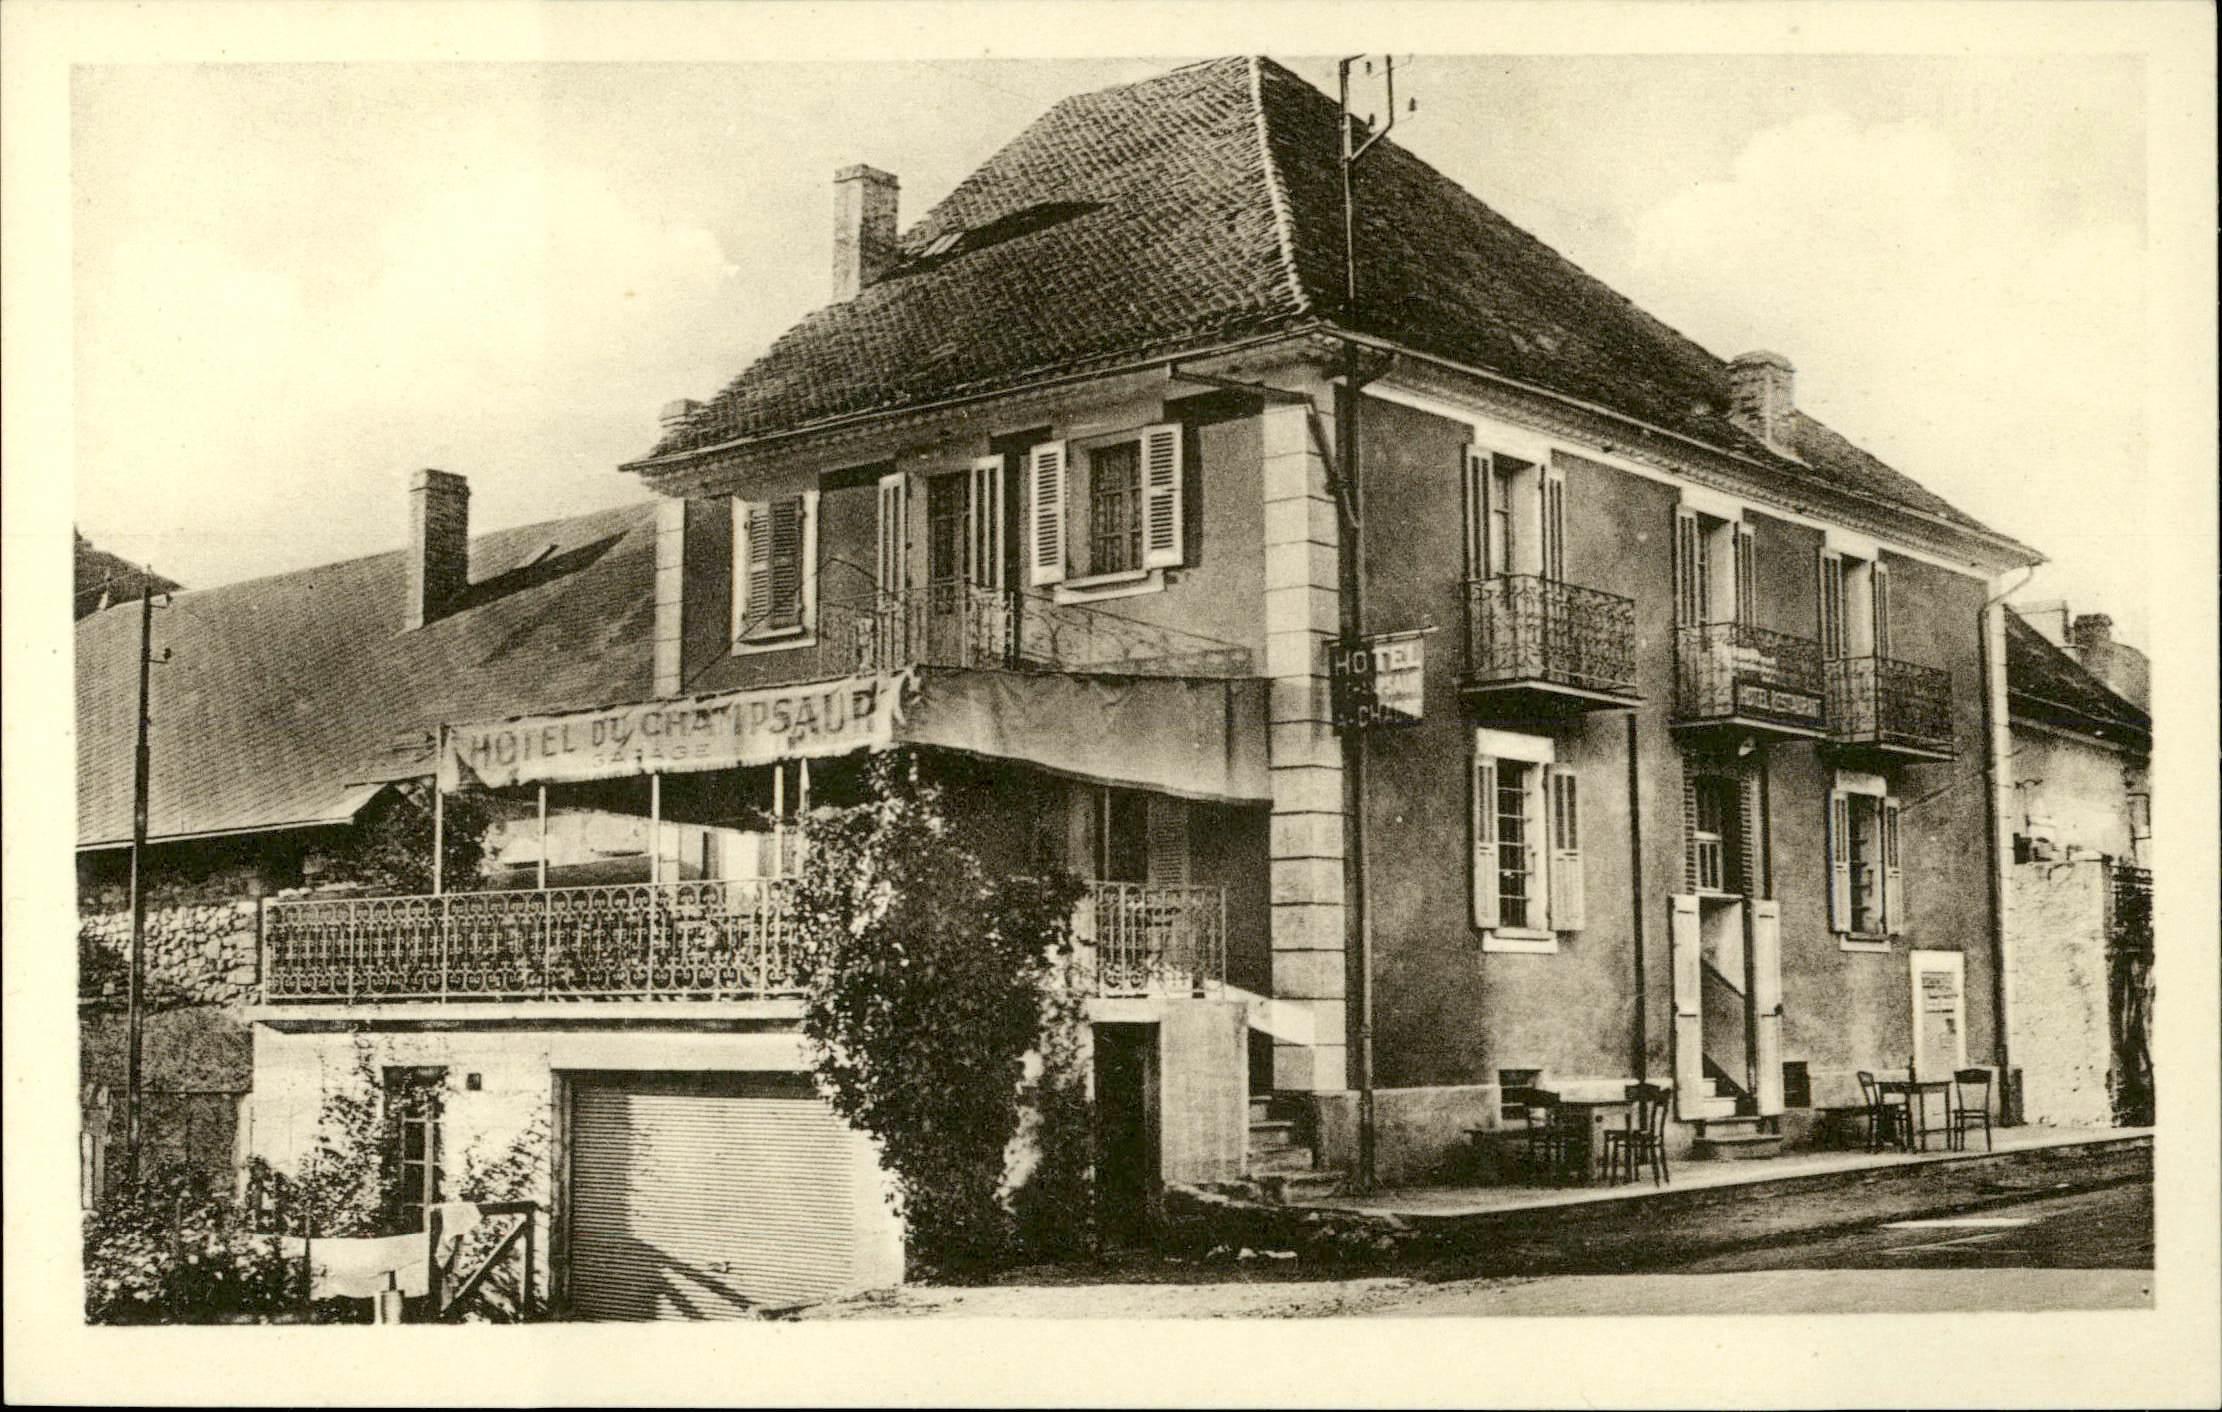 Hotel Du Champsaur